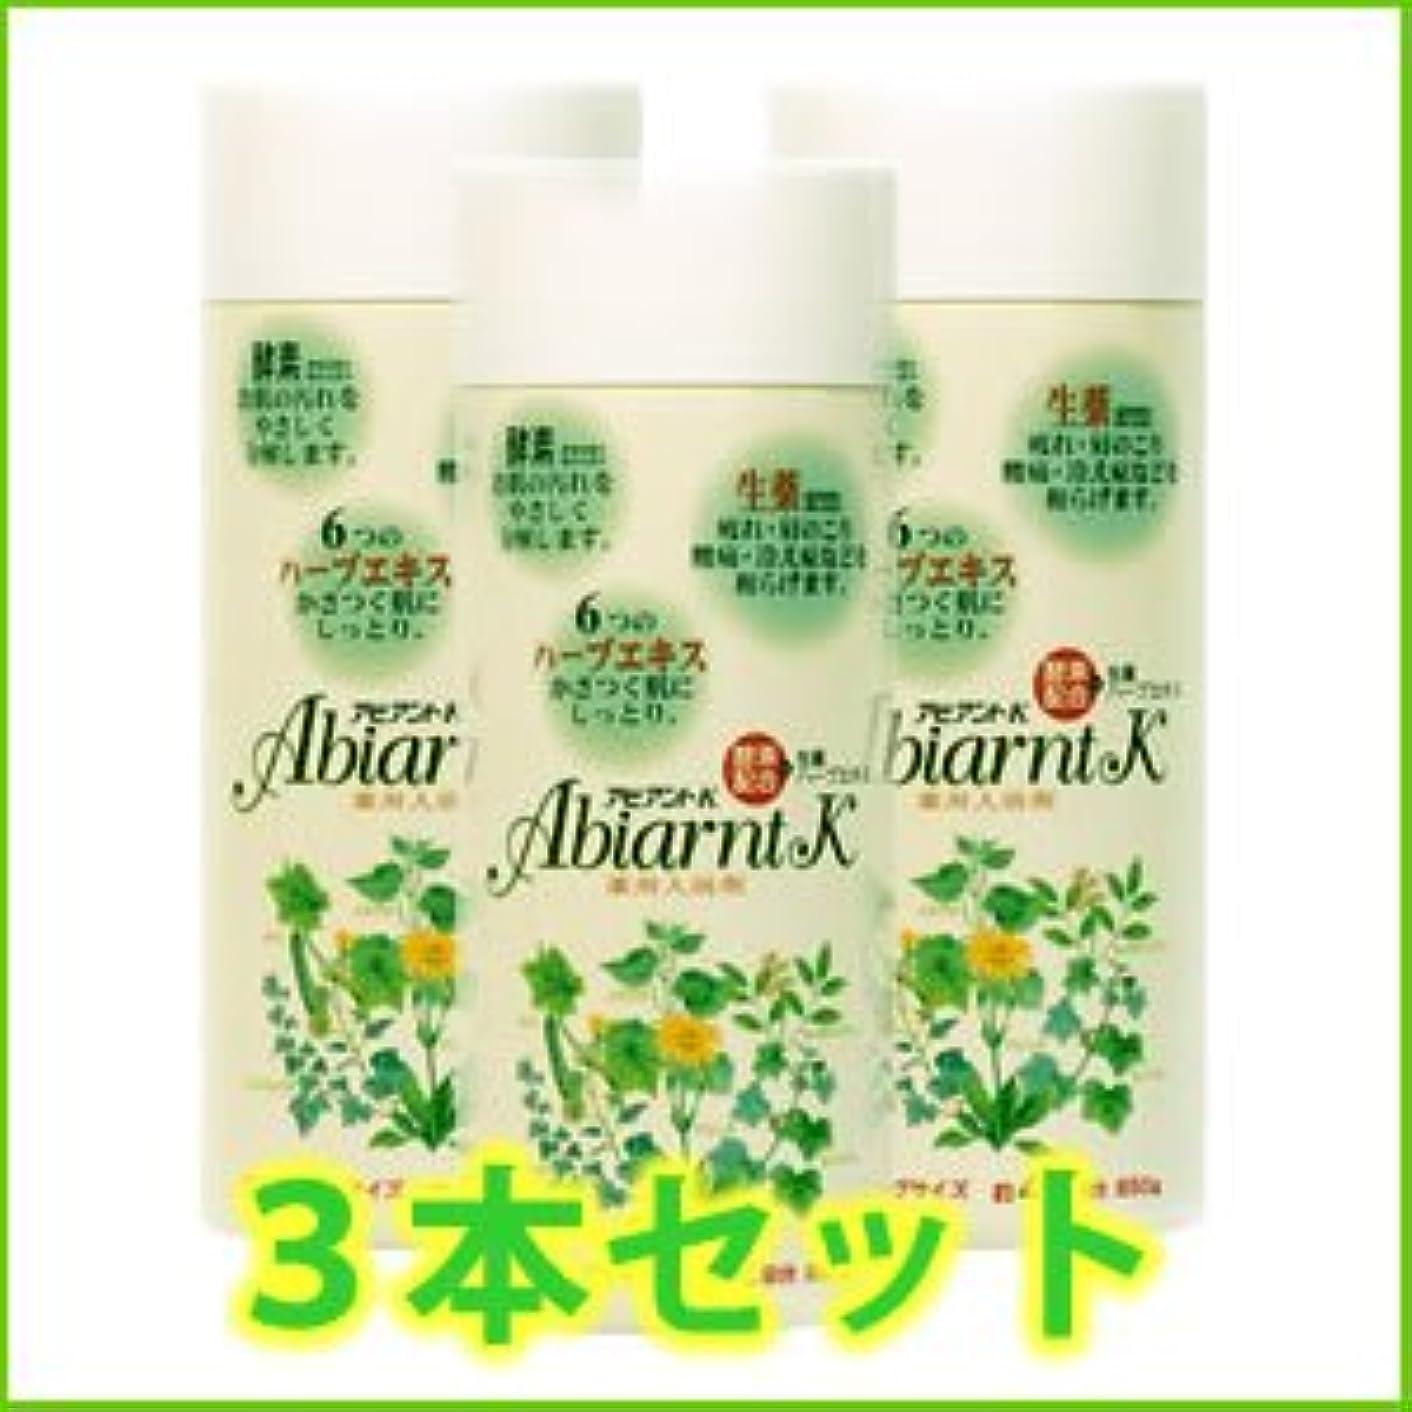 ピア付き添い人チャネル薬用入浴剤 アビアントK 850g ×3